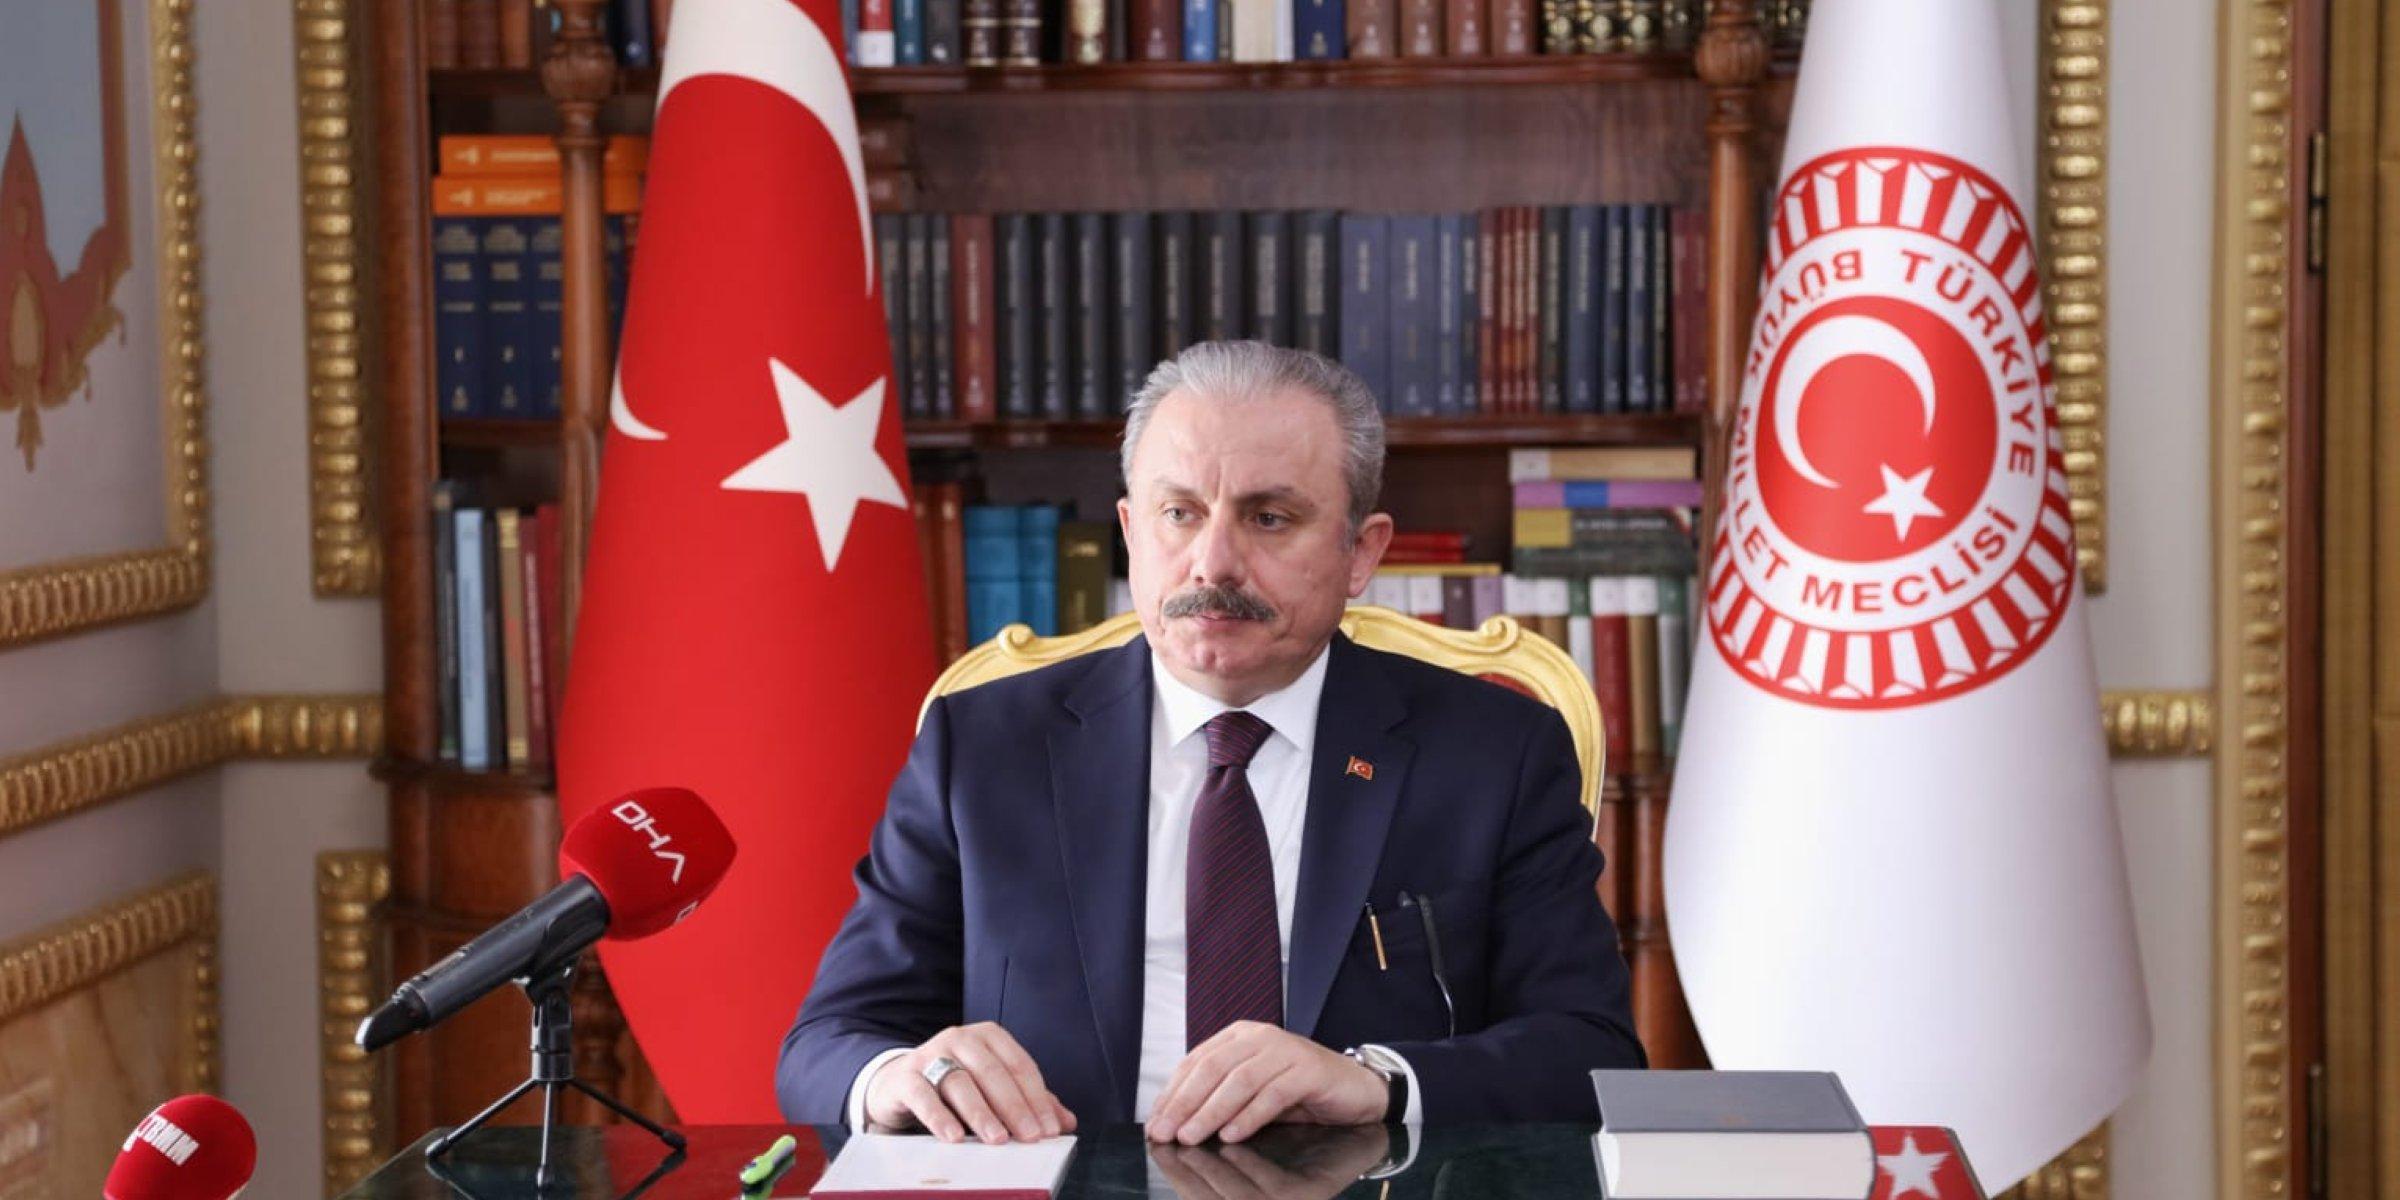 Le Secrétaire Général Félicite le Président du Parlement Turc